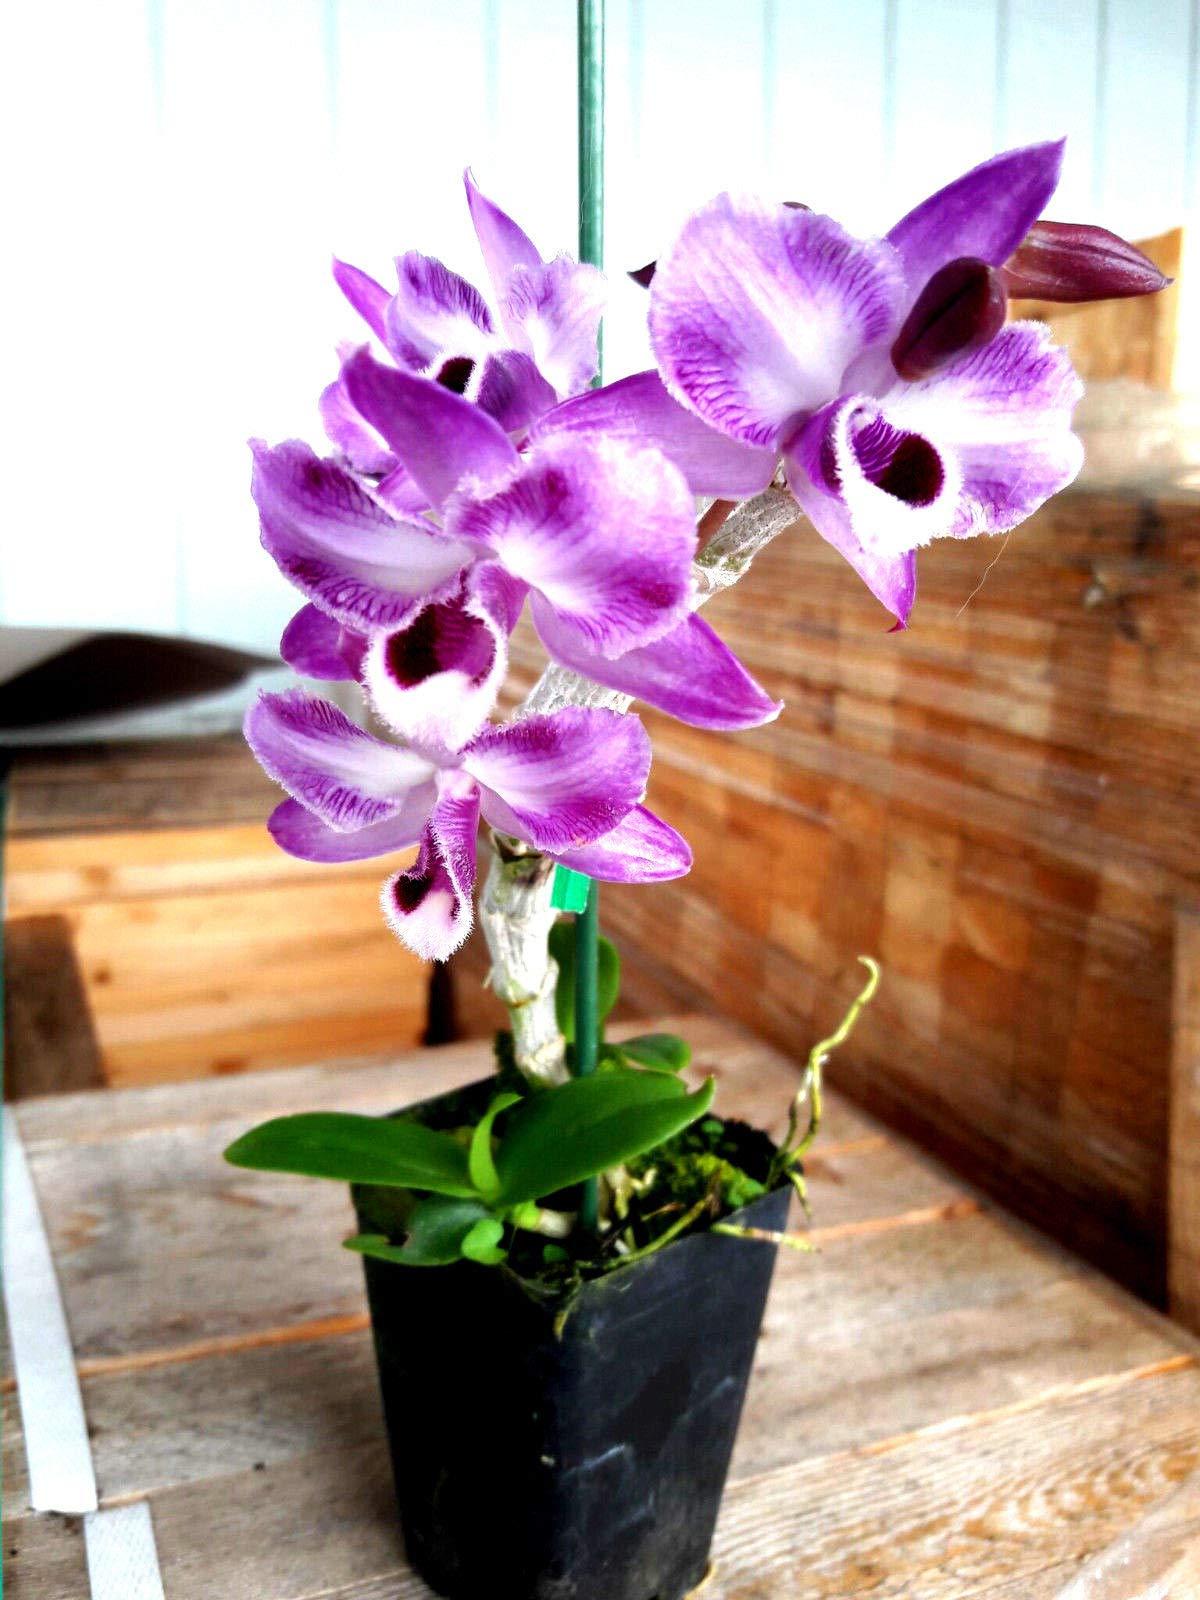 Dendrobium anosum (Hono Hono) Parishii fma Trilabelo, Orchid Plant